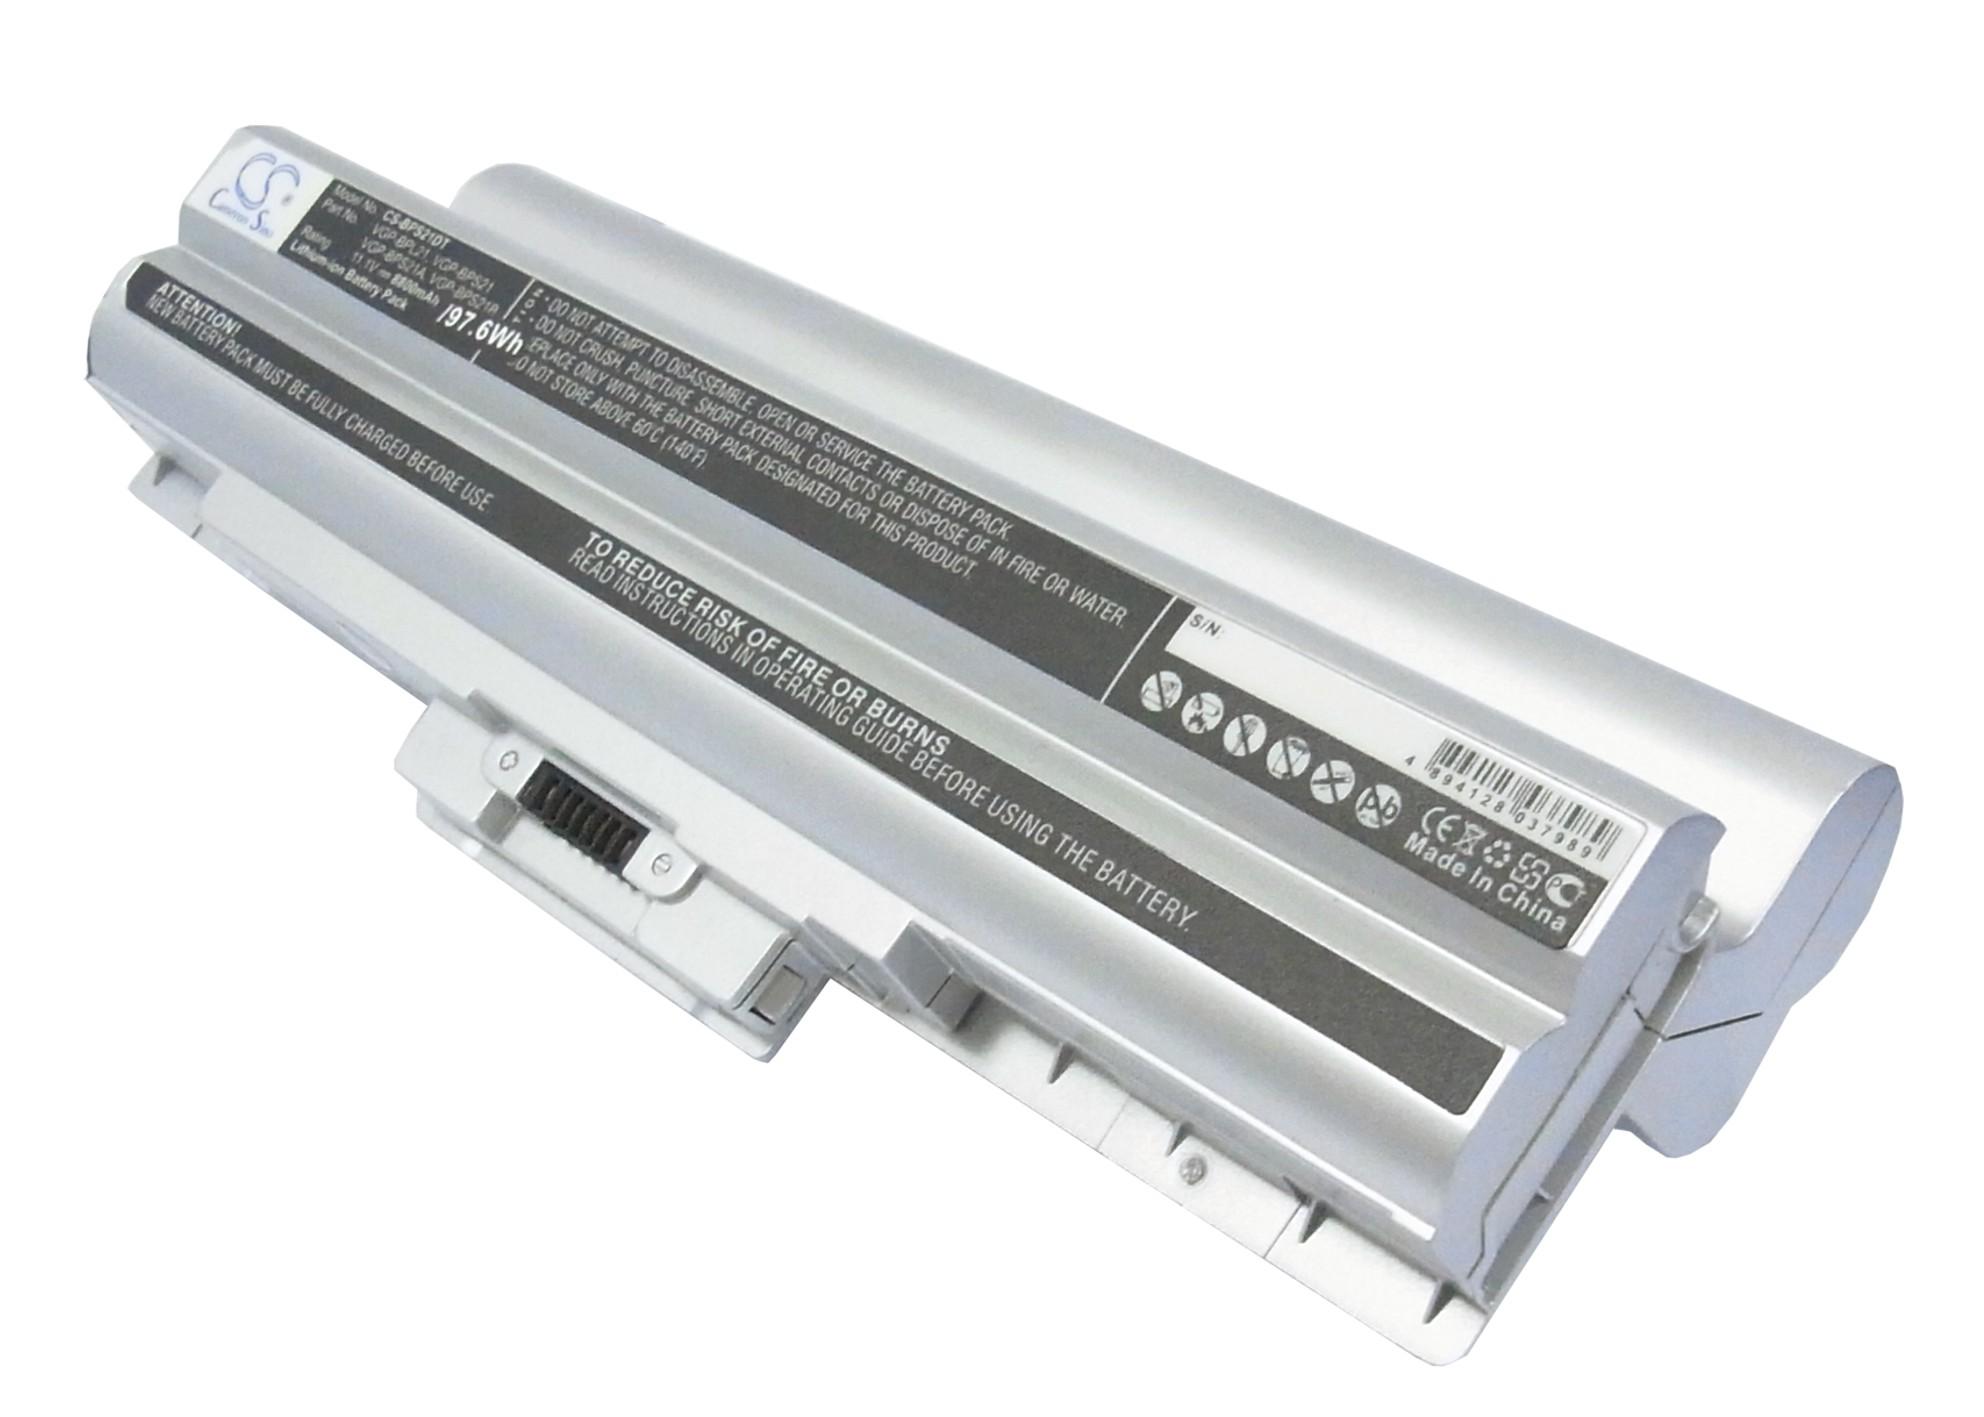 Cameron Sino baterie do notebooků pro SONY VAIO VGN-SR51MF 11.1V Li-ion 8800mAh stříbrná - neoriginální